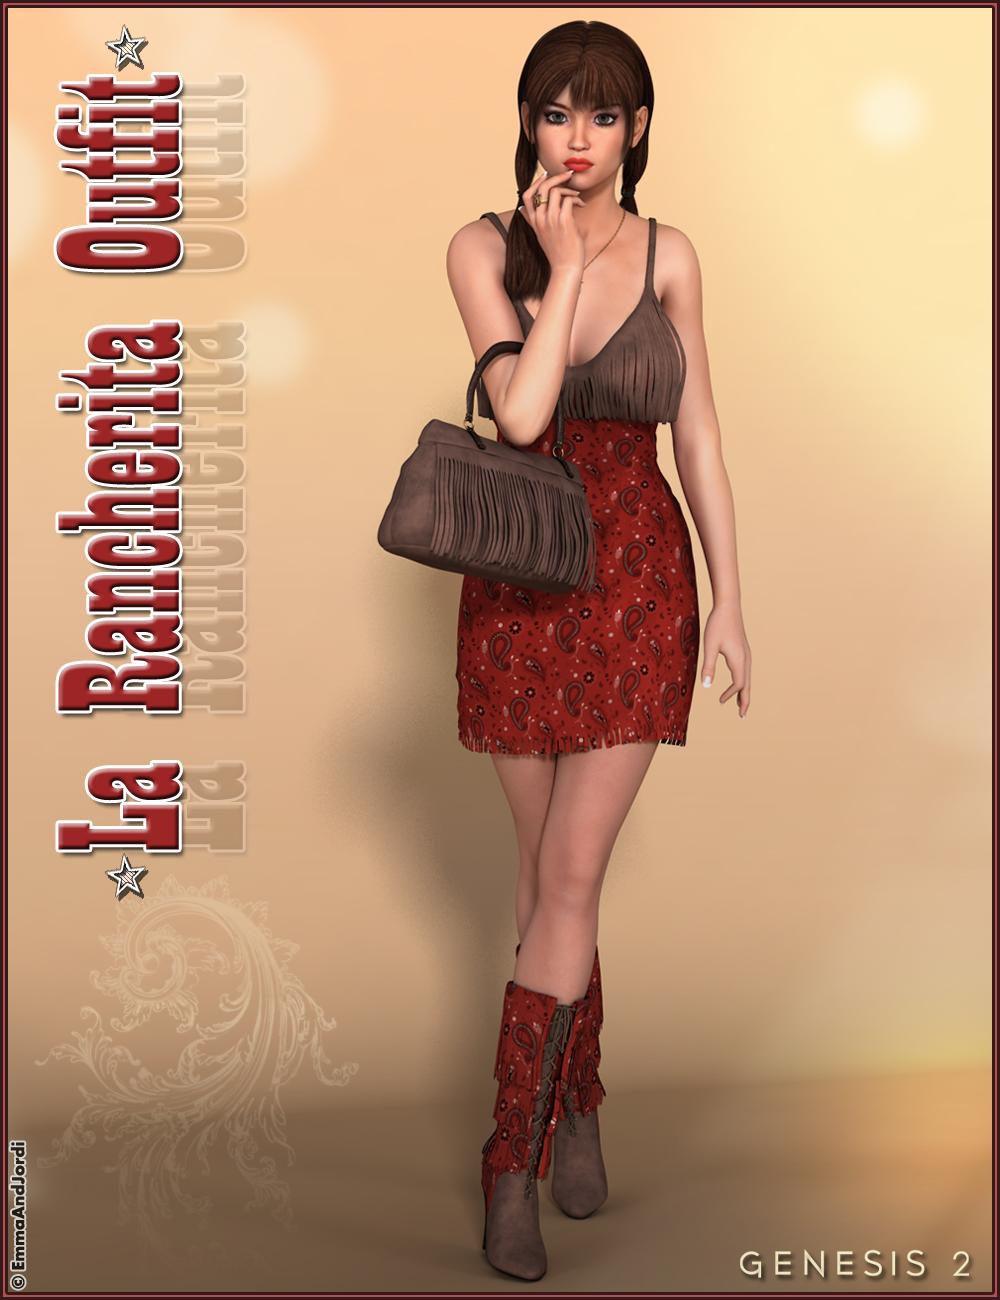 La Rancherita Outfit and Accessories by: EmmaAndJordi, 3D Models by Daz 3D